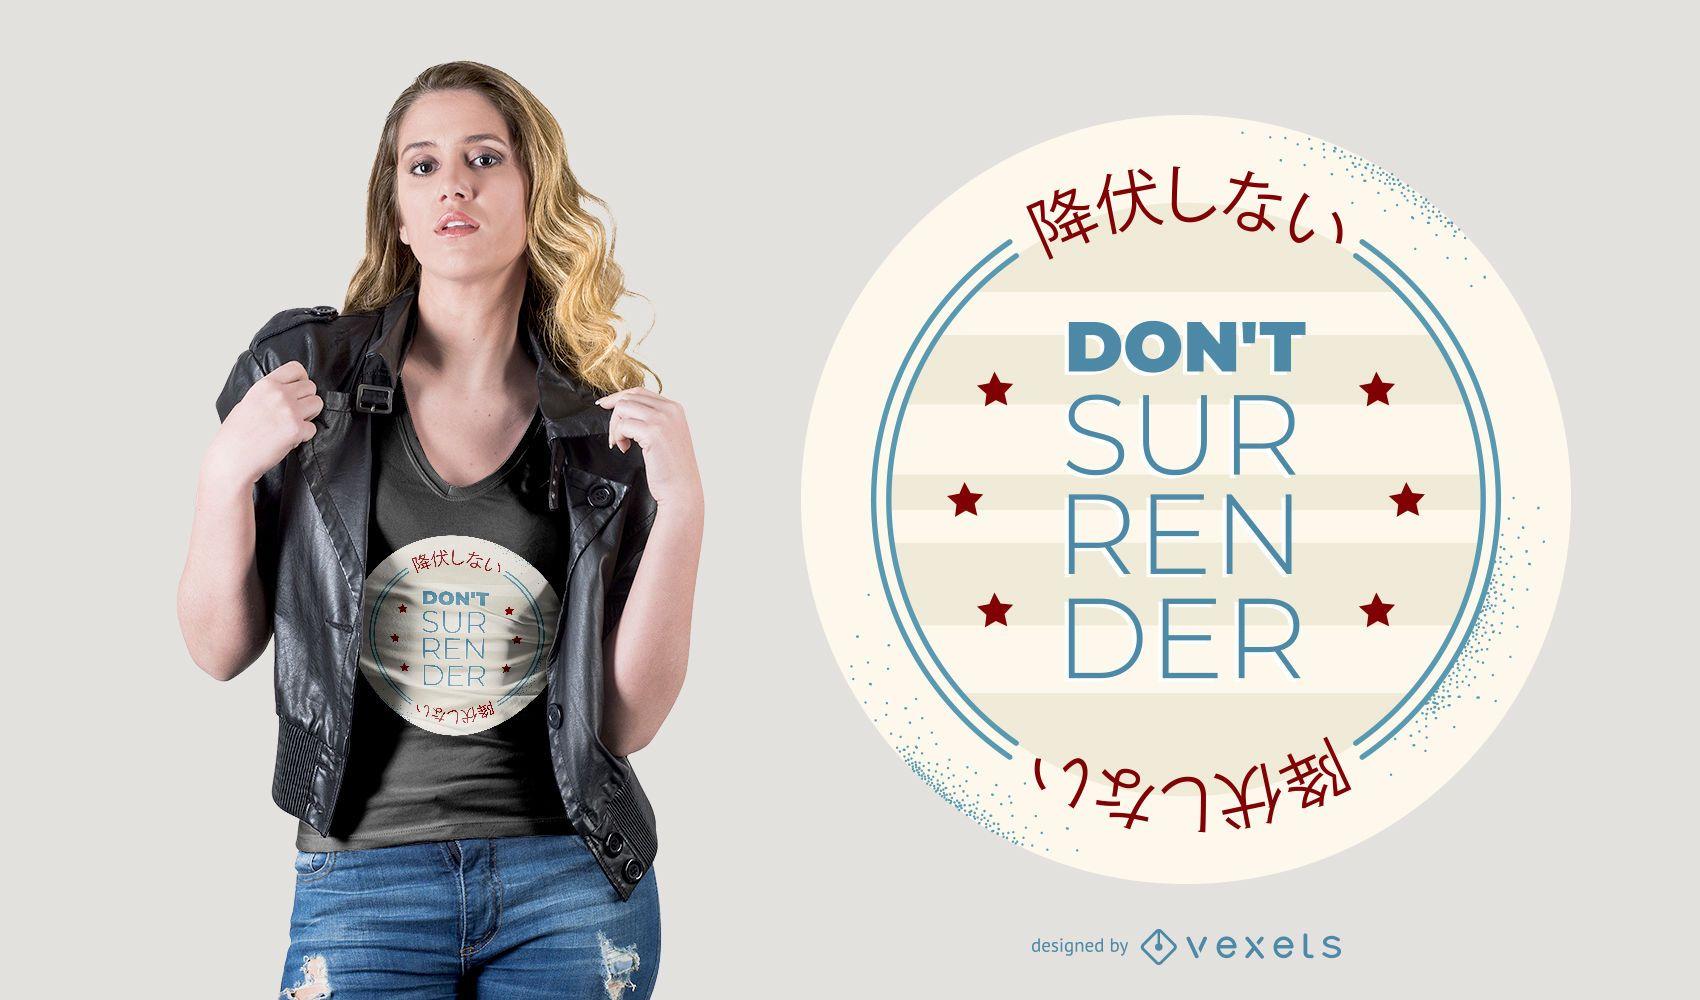 Geben Sie nicht Abzeichen im englischen / japanischen T-Shirt Design ab